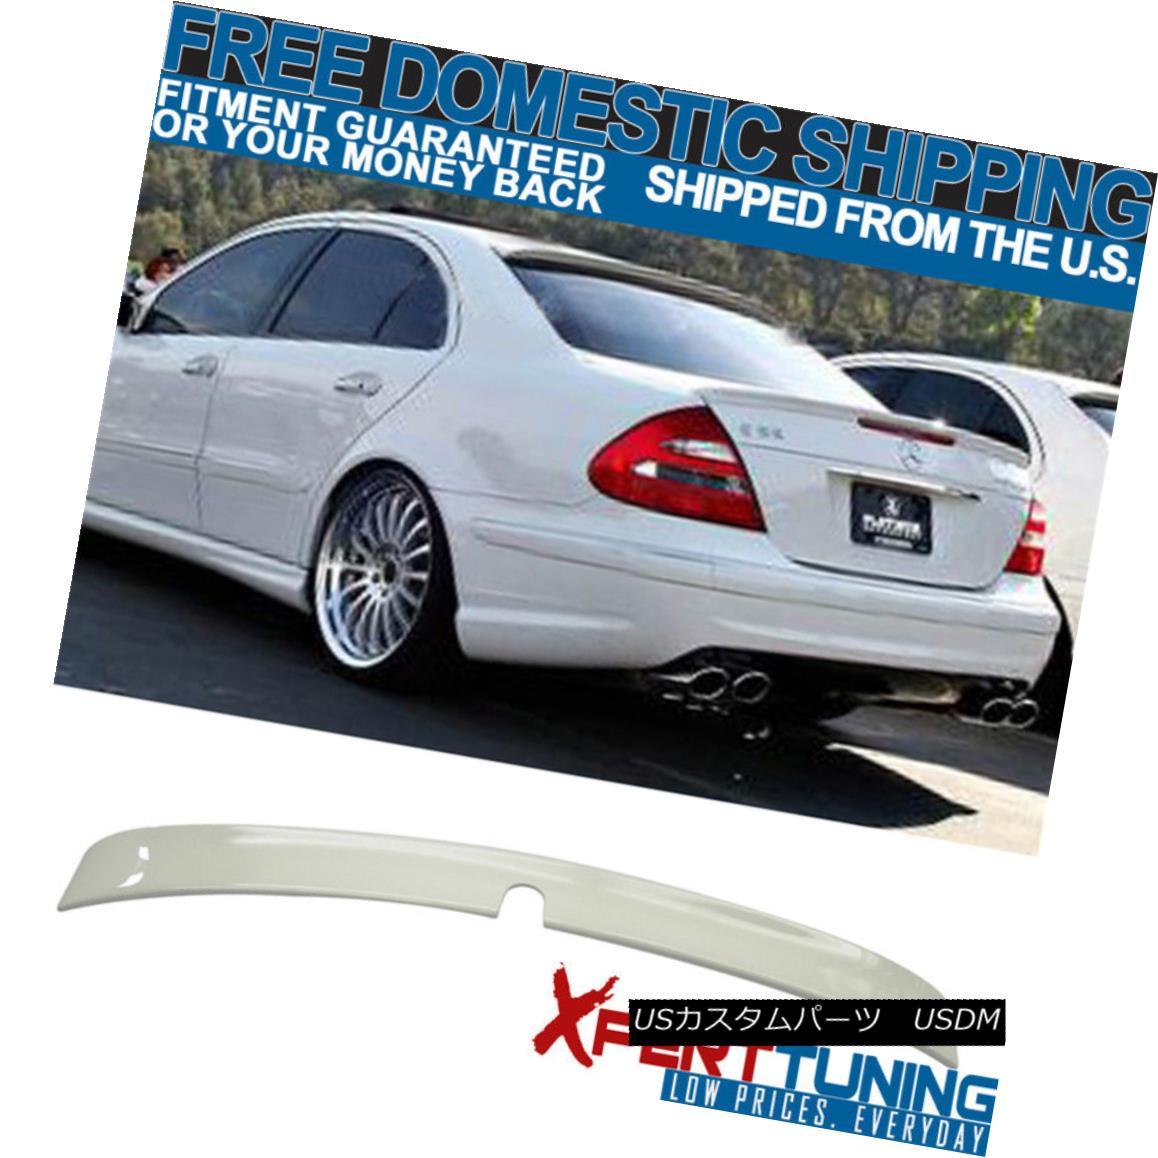 エアロパーツ 03-05 Benz E-Class W211 4Dr Painted #650 Calcite White ABS Roof Spoiler 03-05ベンツEクラスW211 4Dr塗装#650カルサイトホワイトABSルーフスポイラー